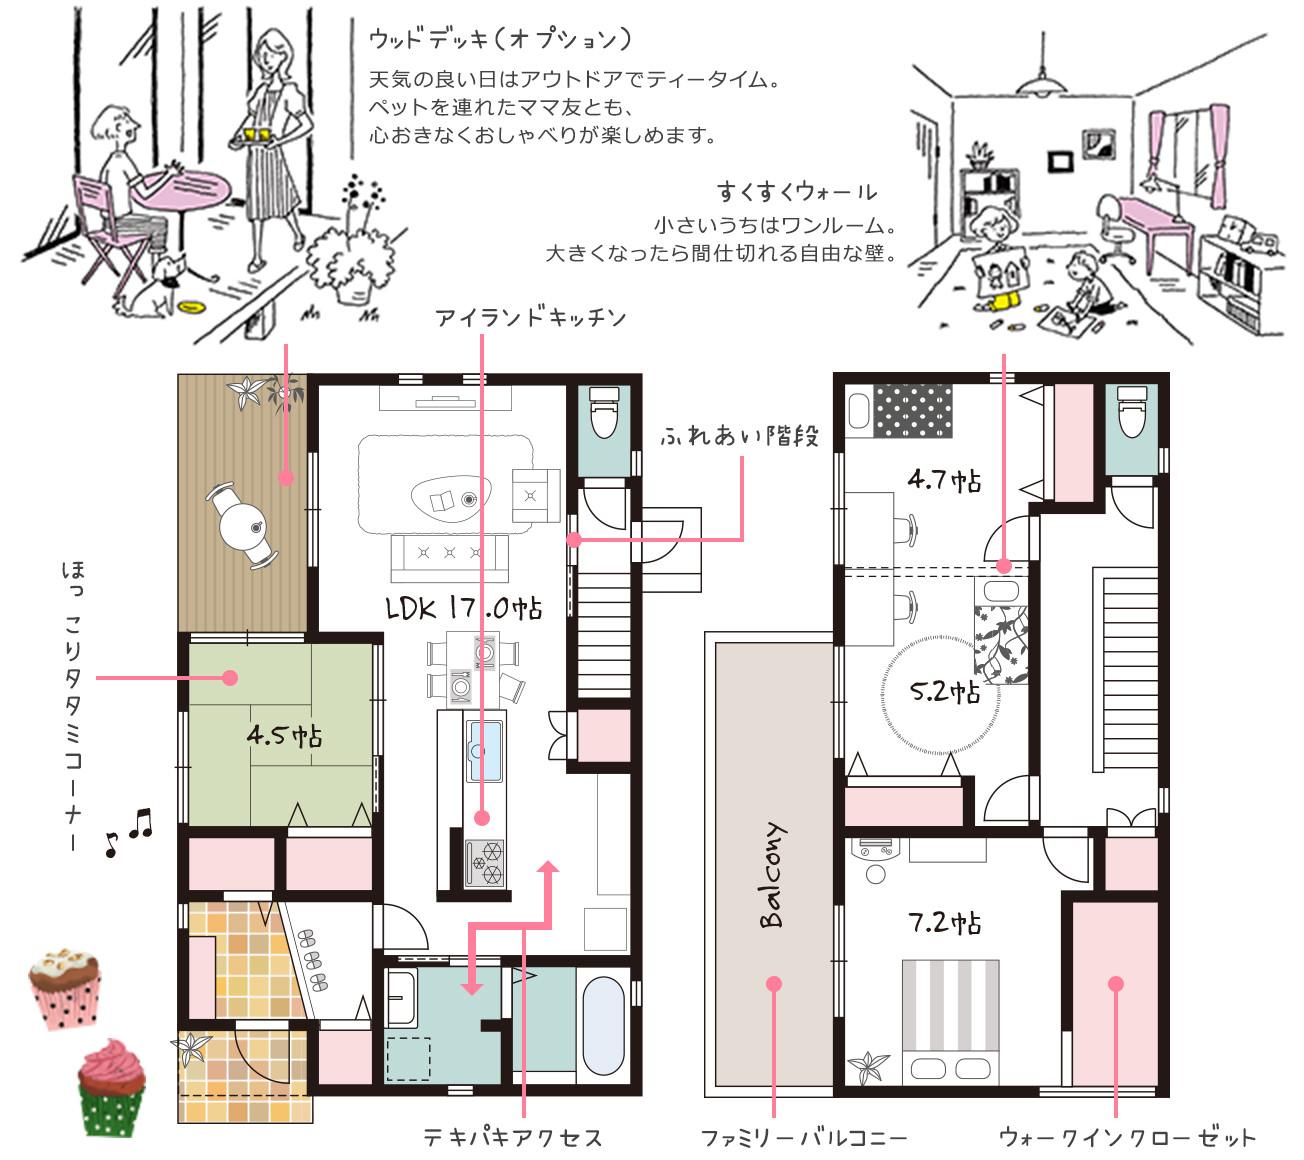 新企画型住宅「YAMATO casa STYLE」 Style03参考間取り図